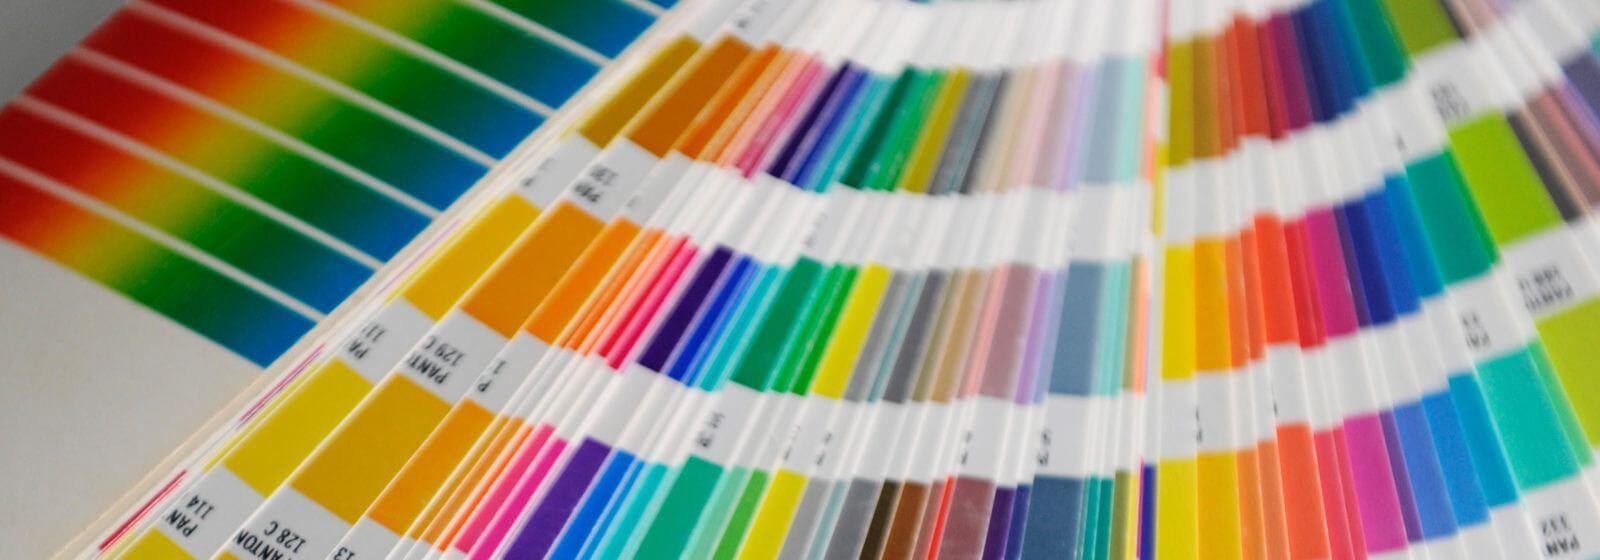 farben und ihre wirkung farblehre. Black Bedroom Furniture Sets. Home Design Ideas